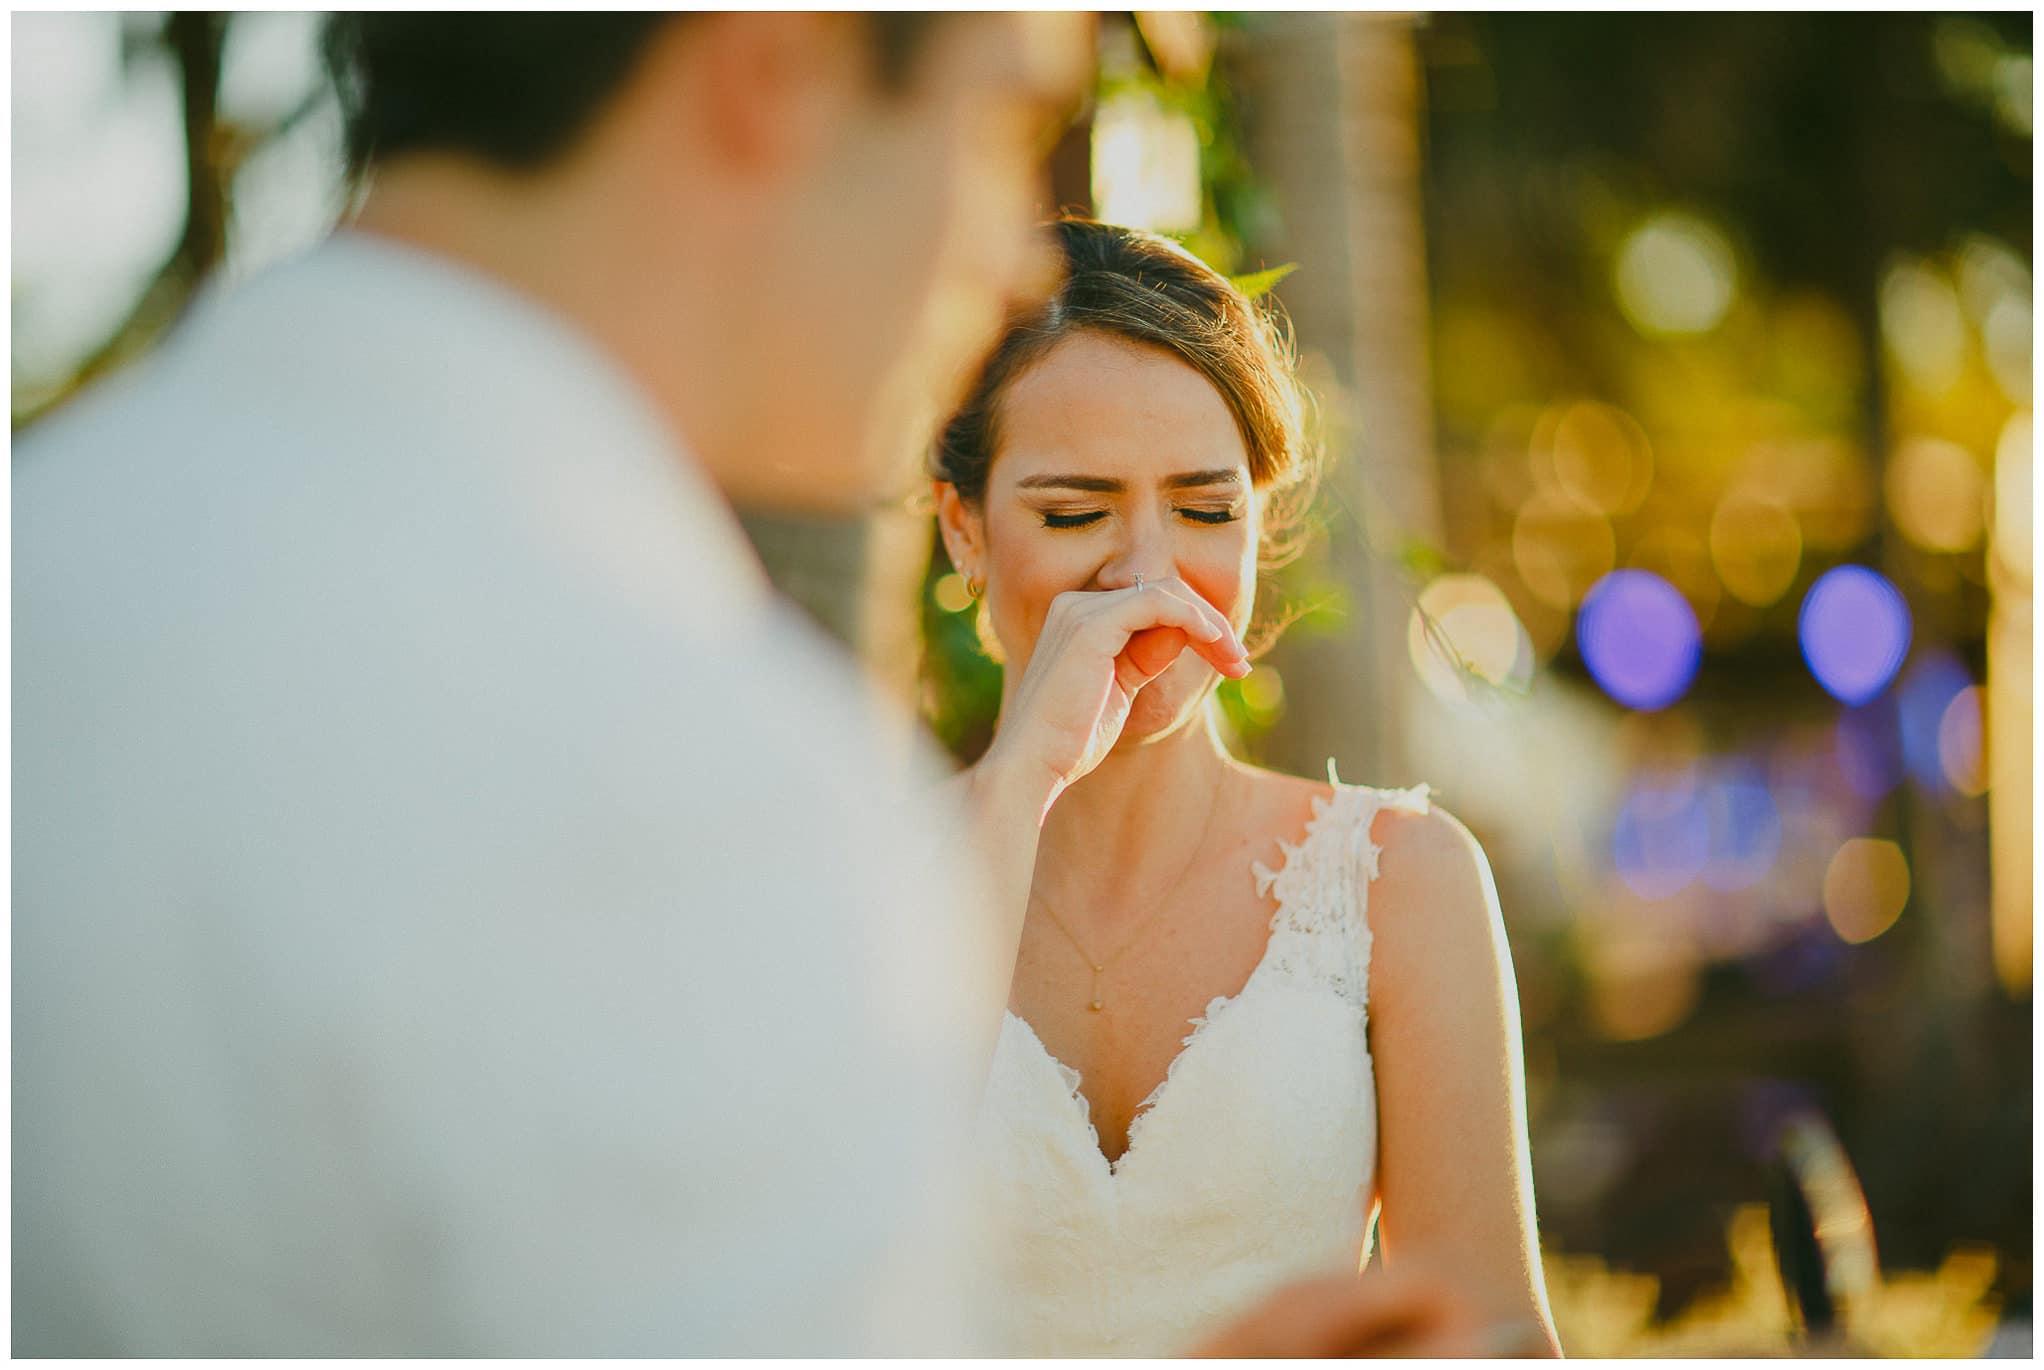 fotografo-de-casamento42